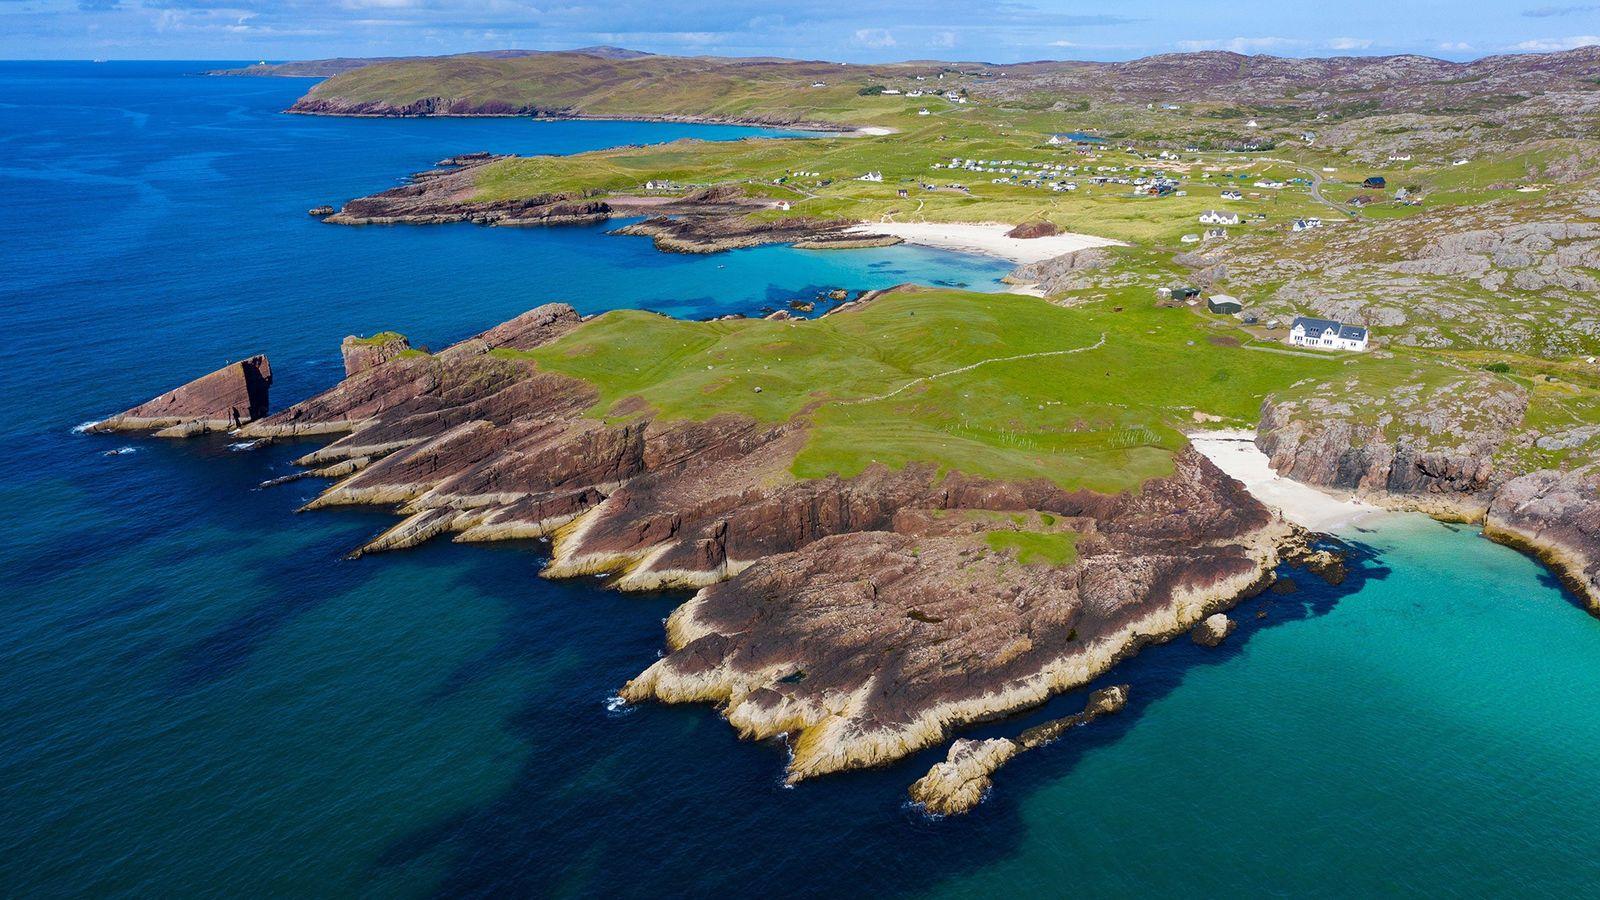 Vista aérea mostra os penhascos da costa de Clachtoll, na região noroeste da Escócia. O rochedo ...